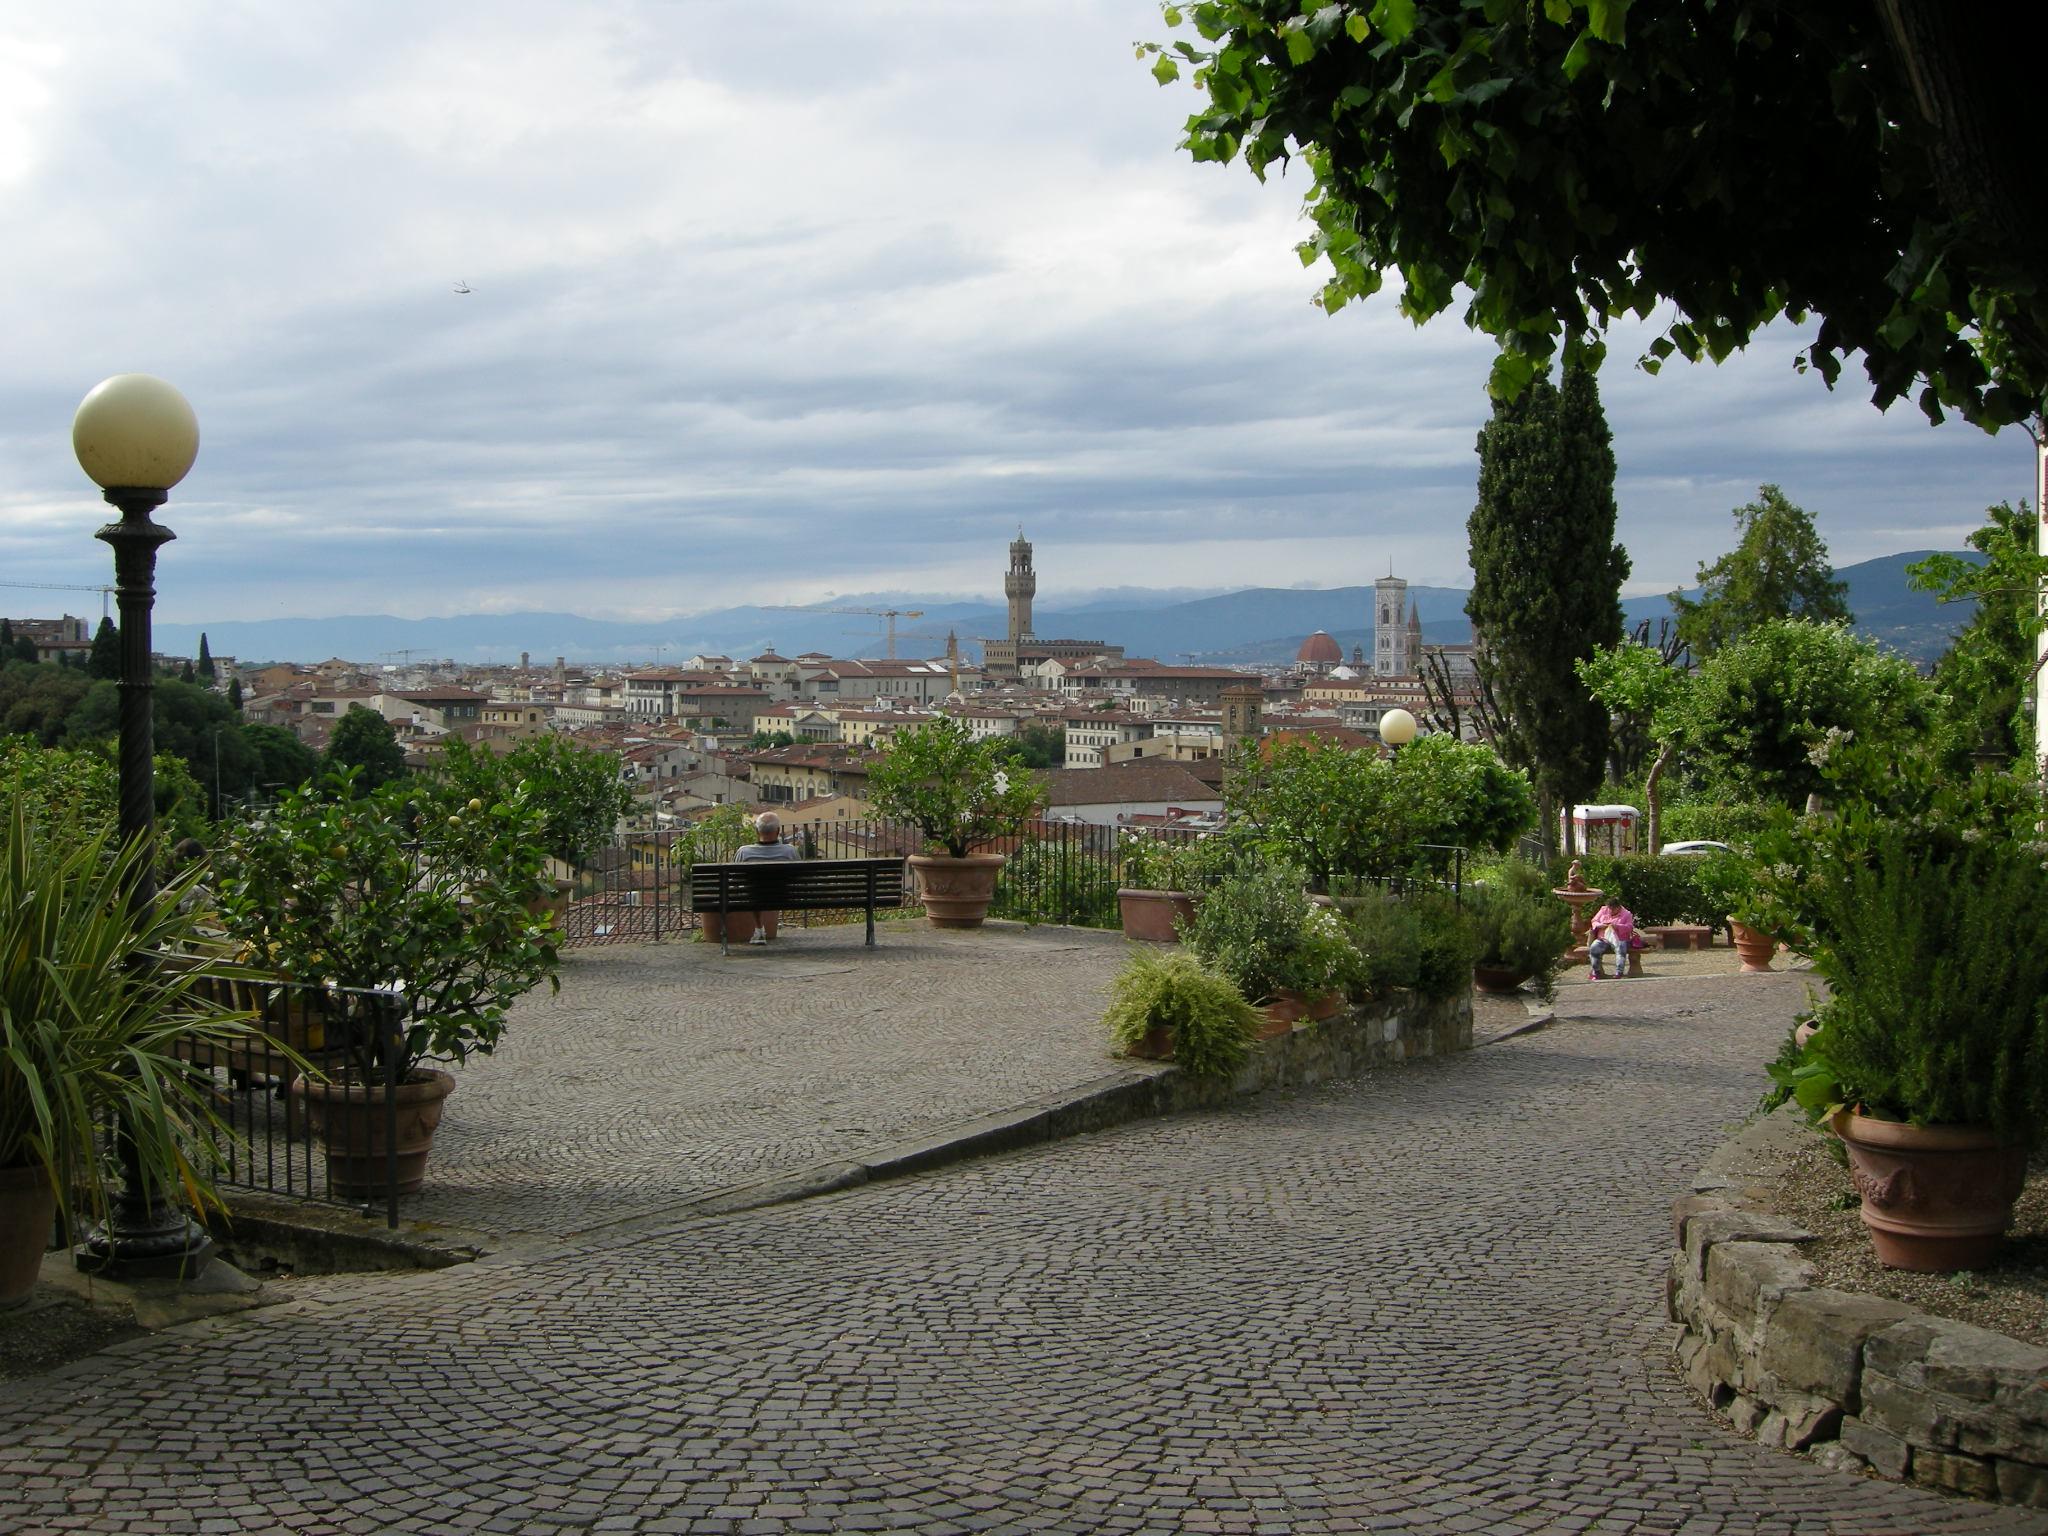 File giardino delle rose di firenze 10 jpg wikimedia commons - Giardino delle rose firenze ...